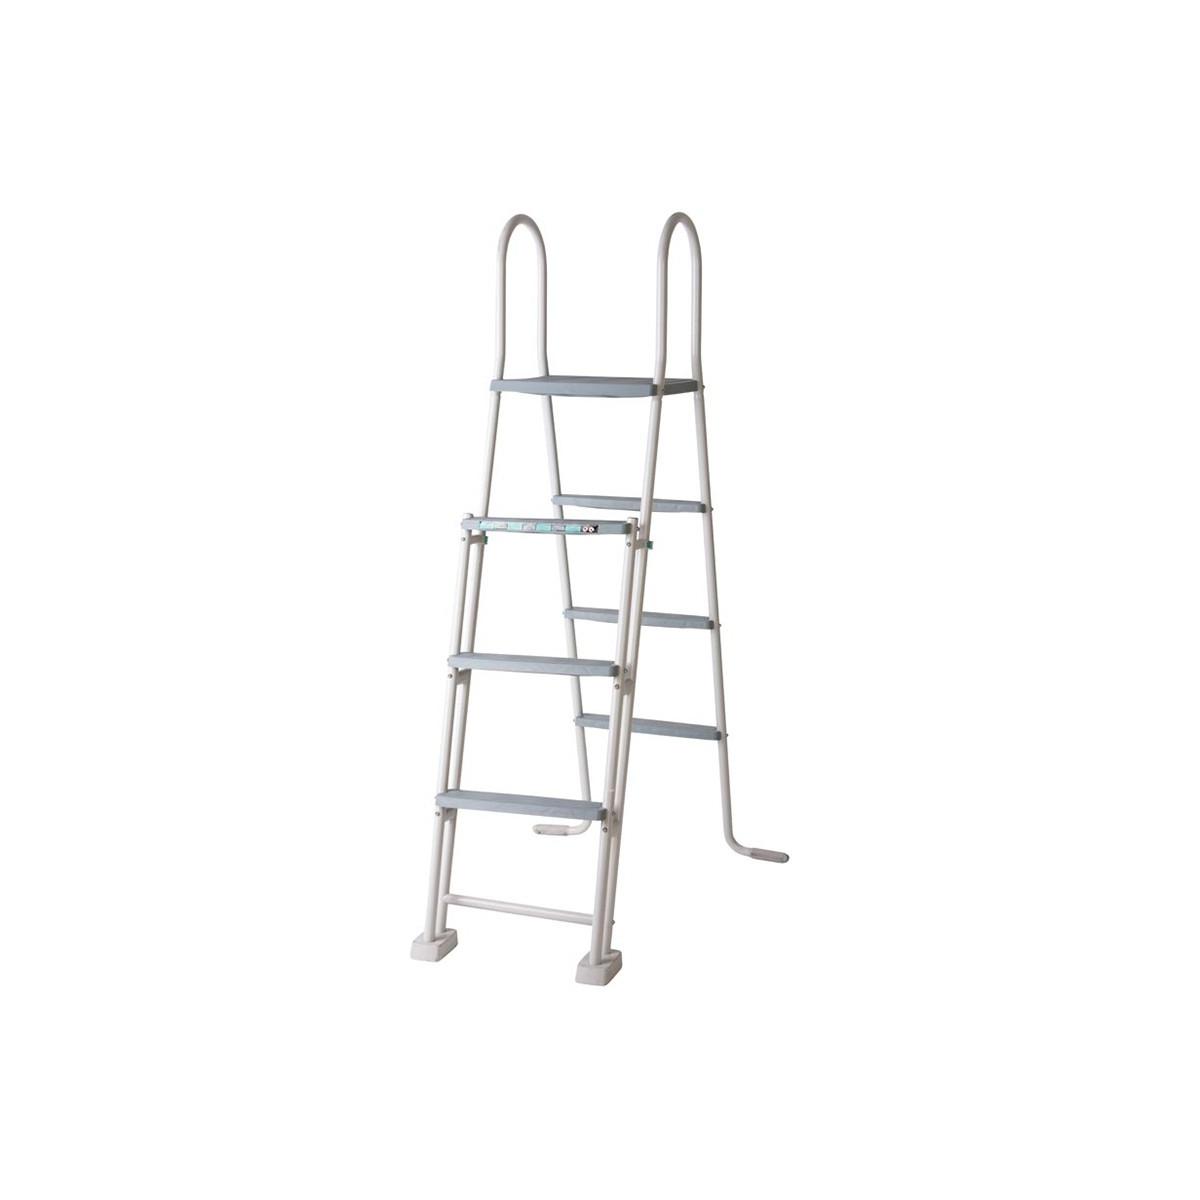 Escalera Gre de seguridad 120 cm 2x3 peldaños ES1100